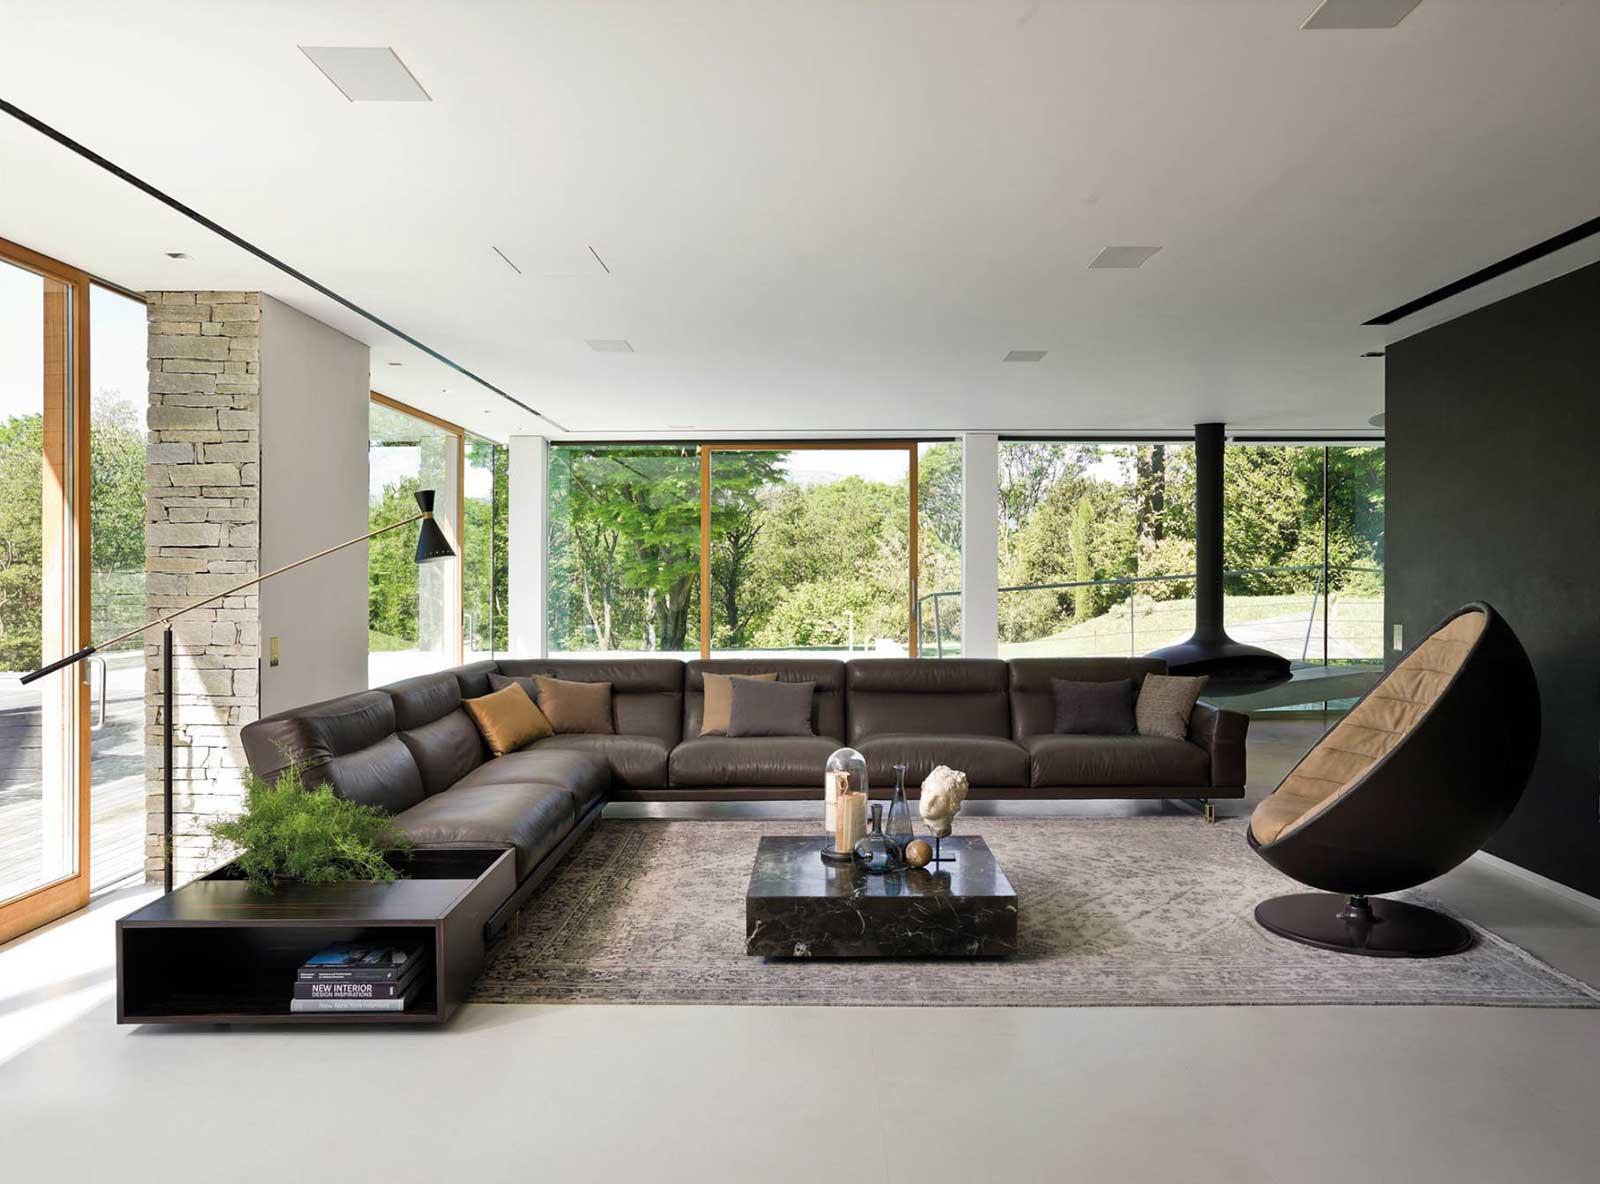 Tavolino in vetro e cristallo. Vendità online di tavolini design e mobili di lusso made in italy. Consegna gratuita. Arredamento di alta qualità.